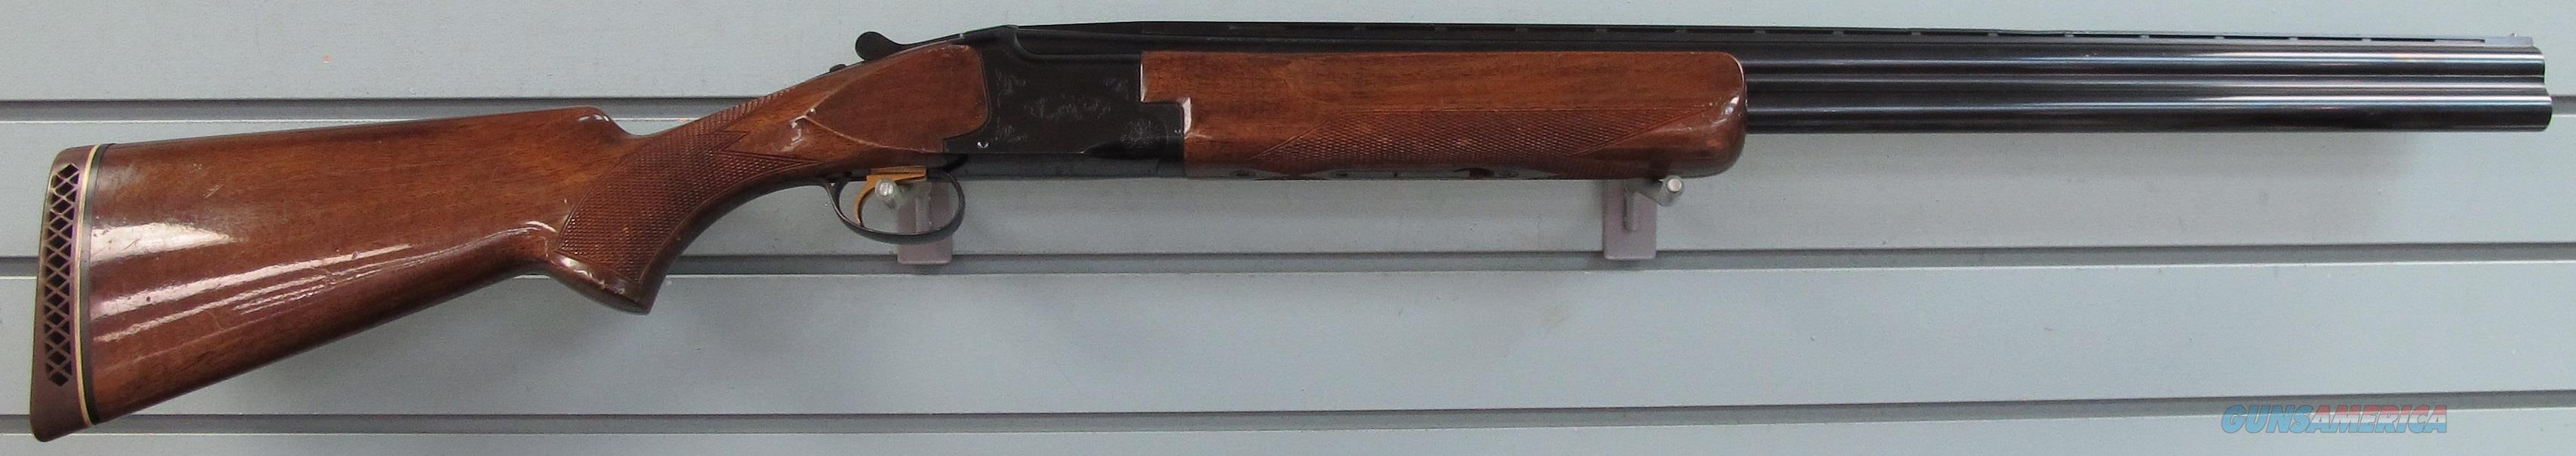 BROWNING 12 GA CITORI SHOTGUN  Guns > Shotguns > Browning Shotguns > Over Unders > Citori > Hunting